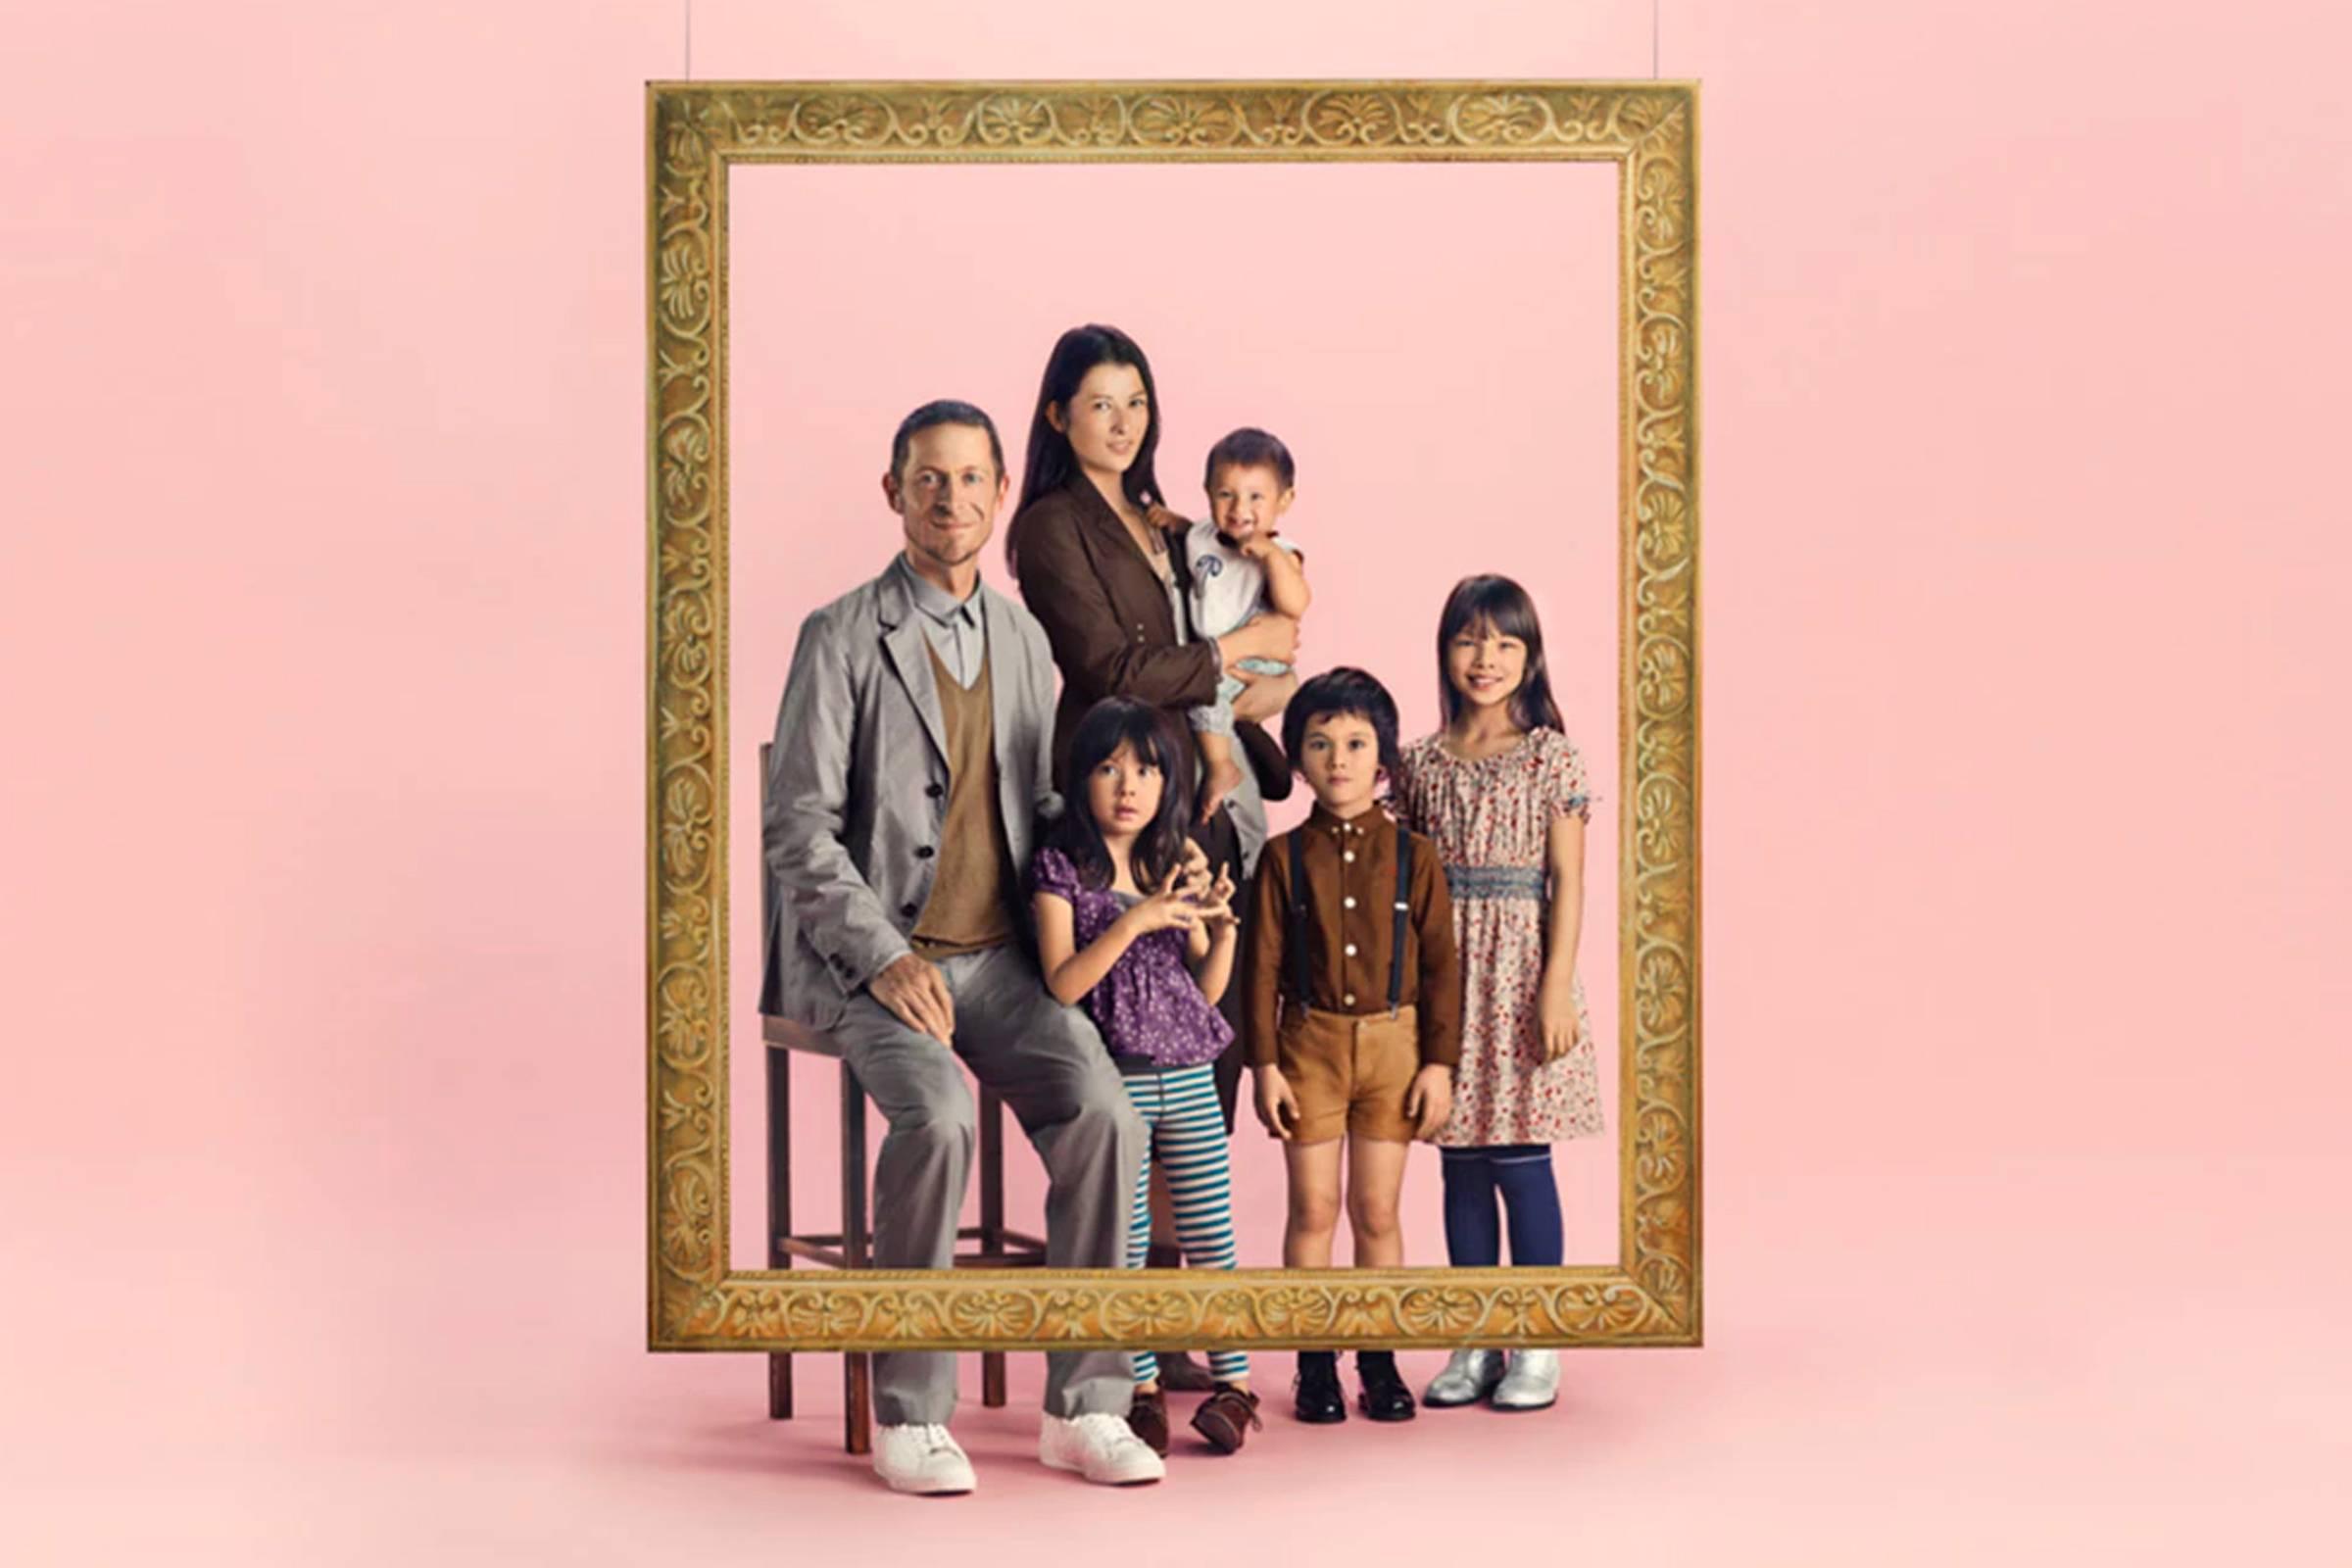 Реклама коллекции Uniqlo UU Весна/Лето 2012